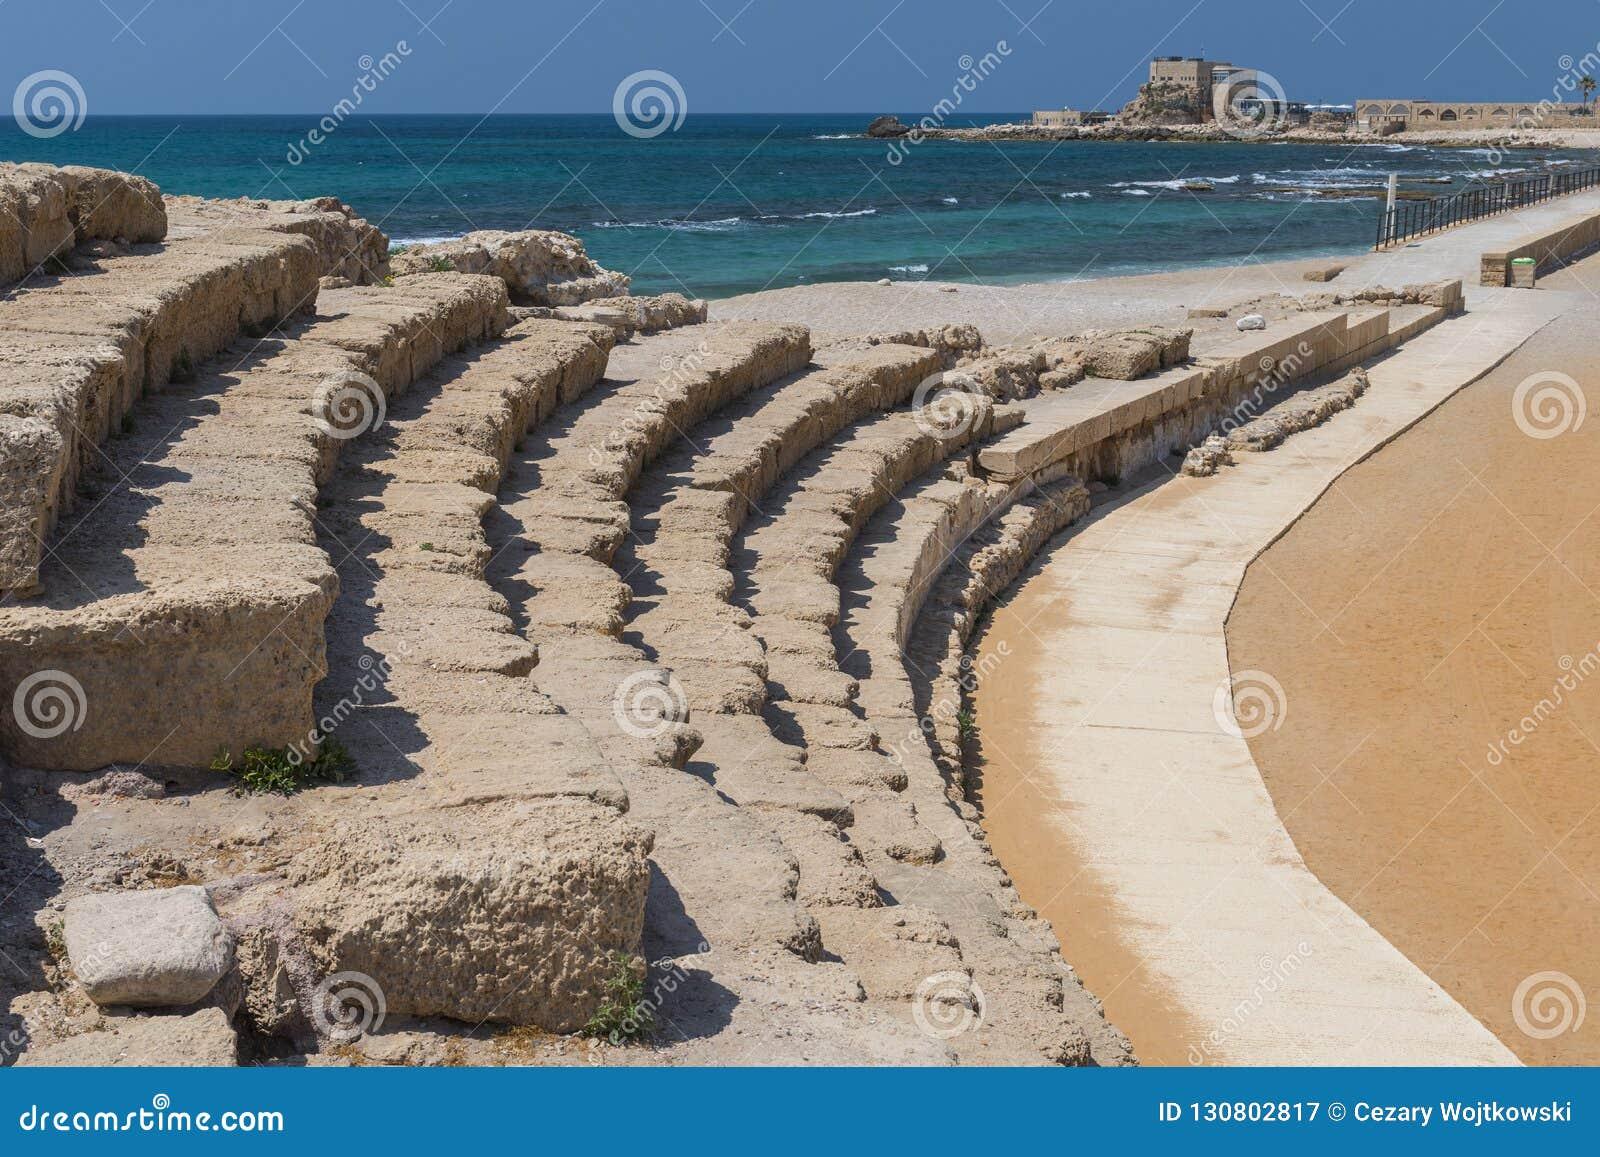 Romański amfiteatr, archeologiczne ekskawacje w antycznym mieście Caesarea, Izrael